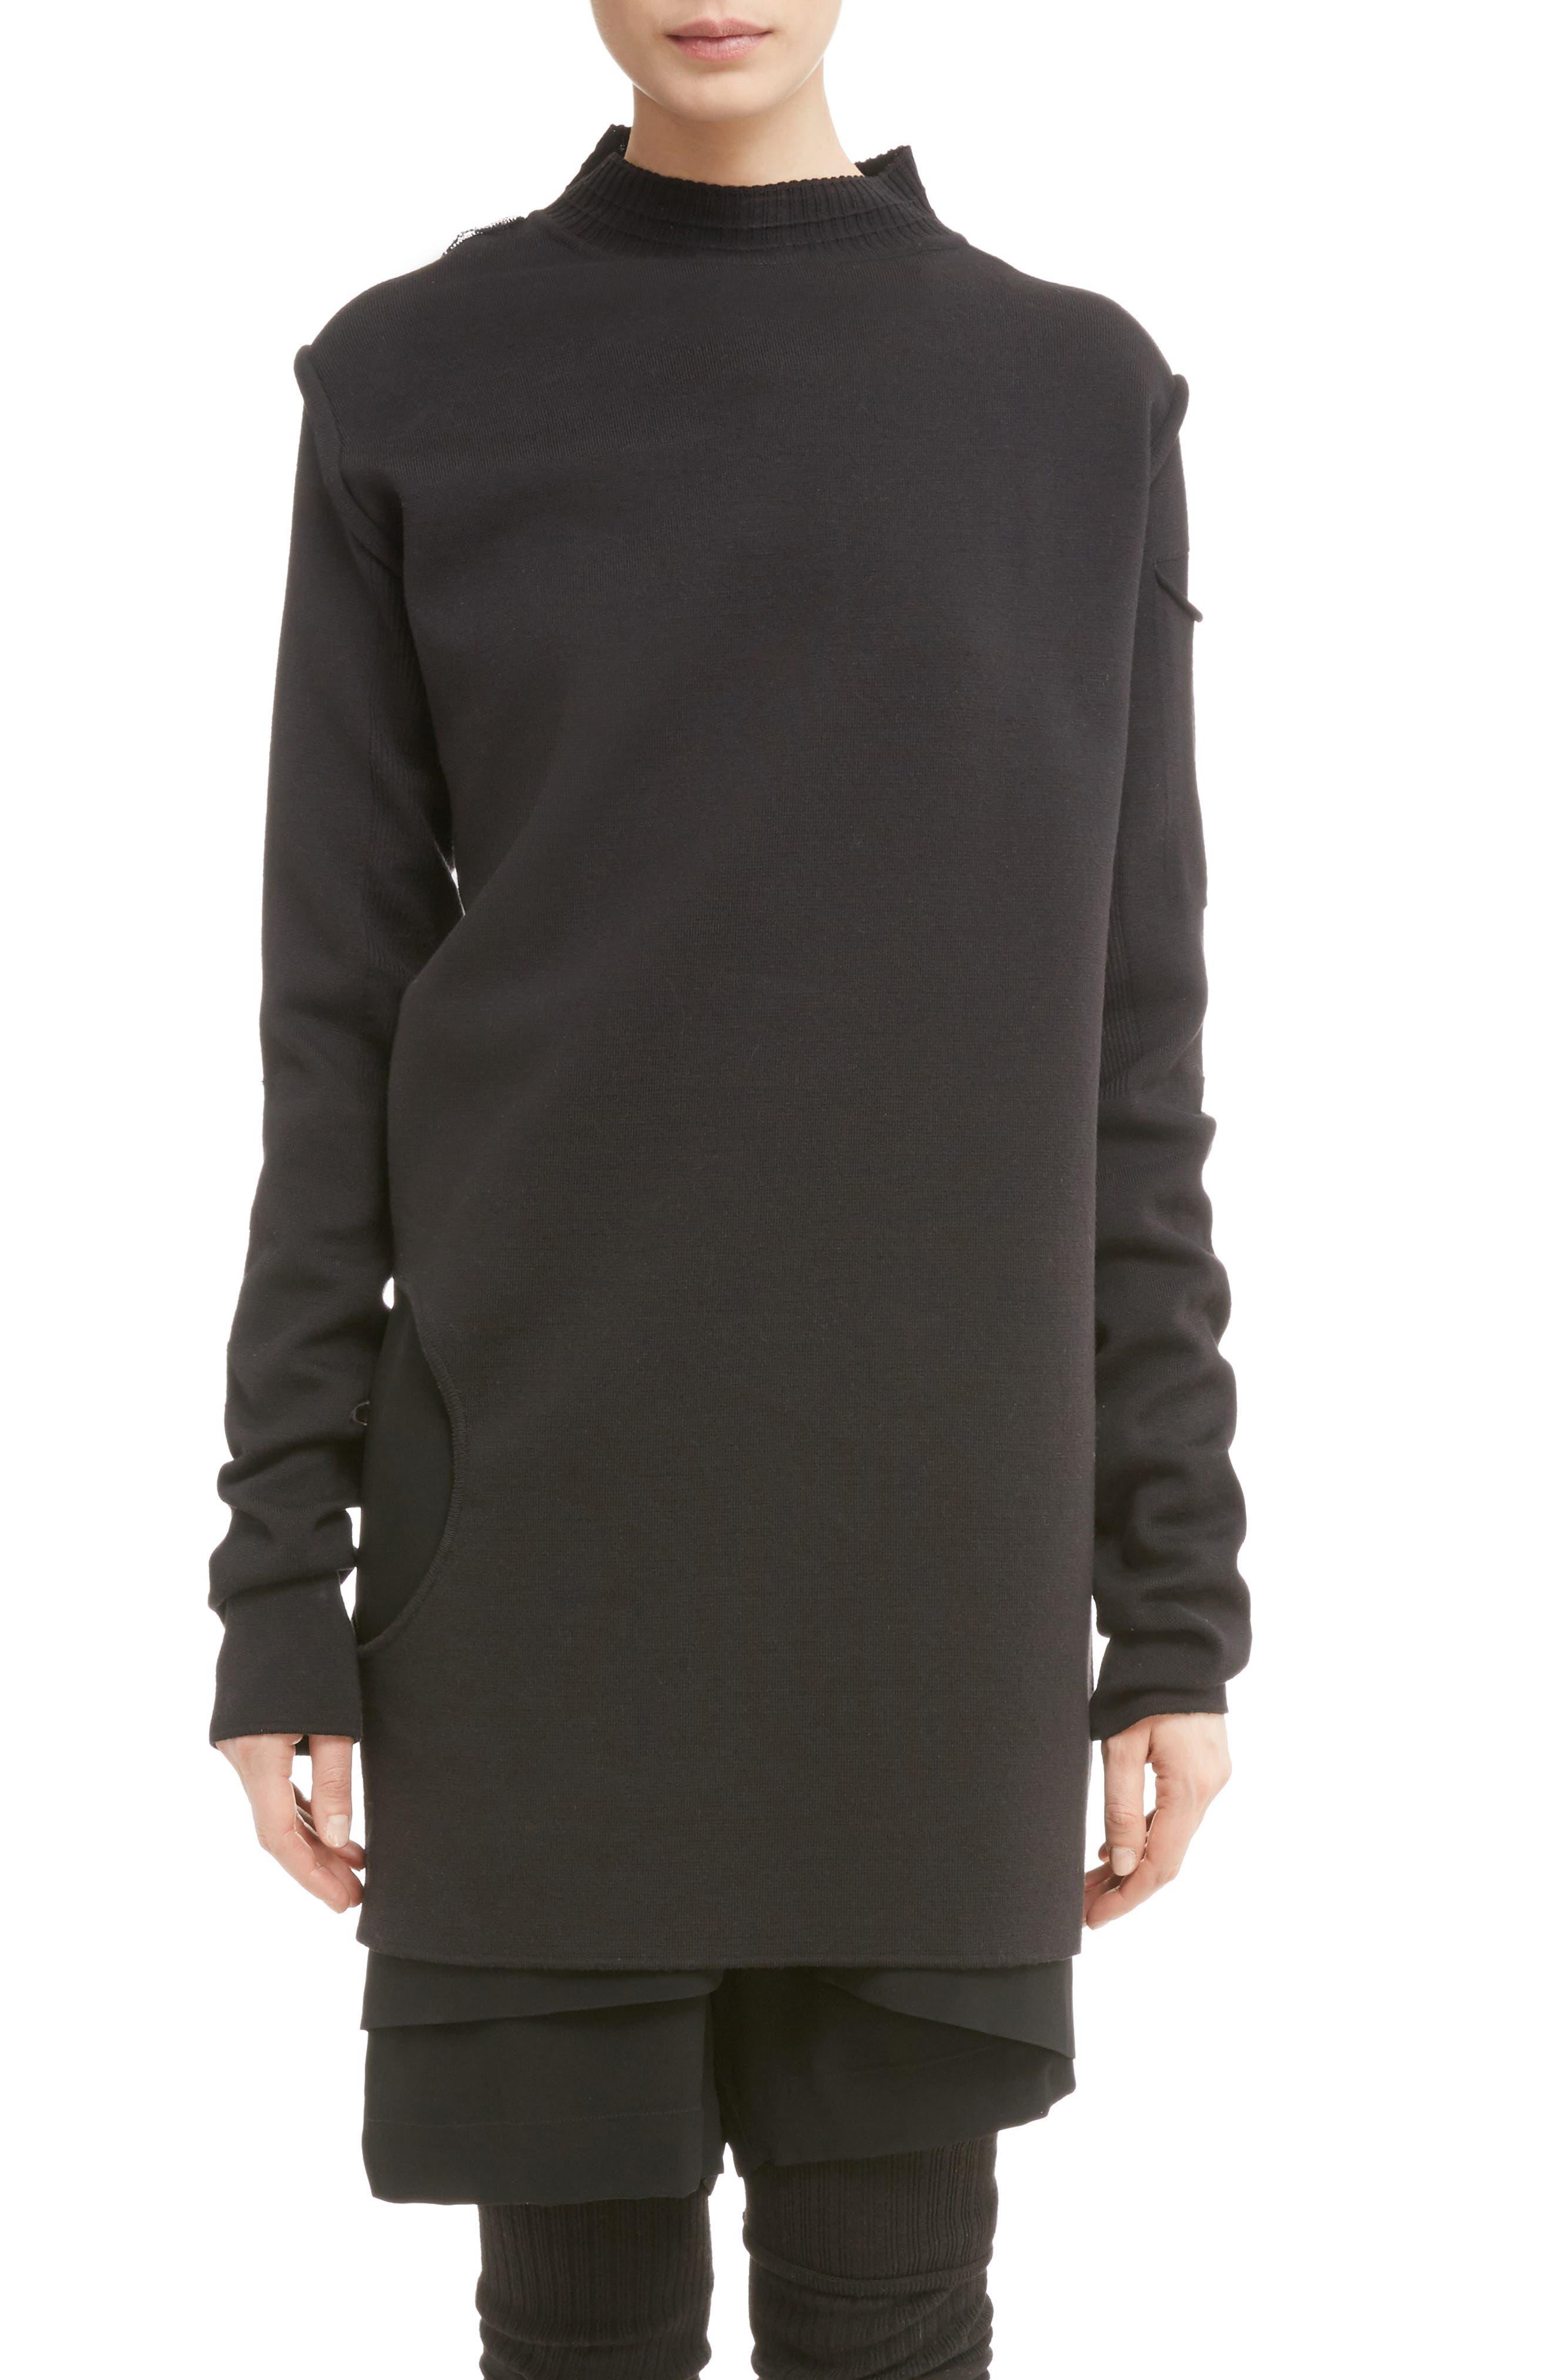 Rick Owens Subhuman Merino Wool Convertible Sweater